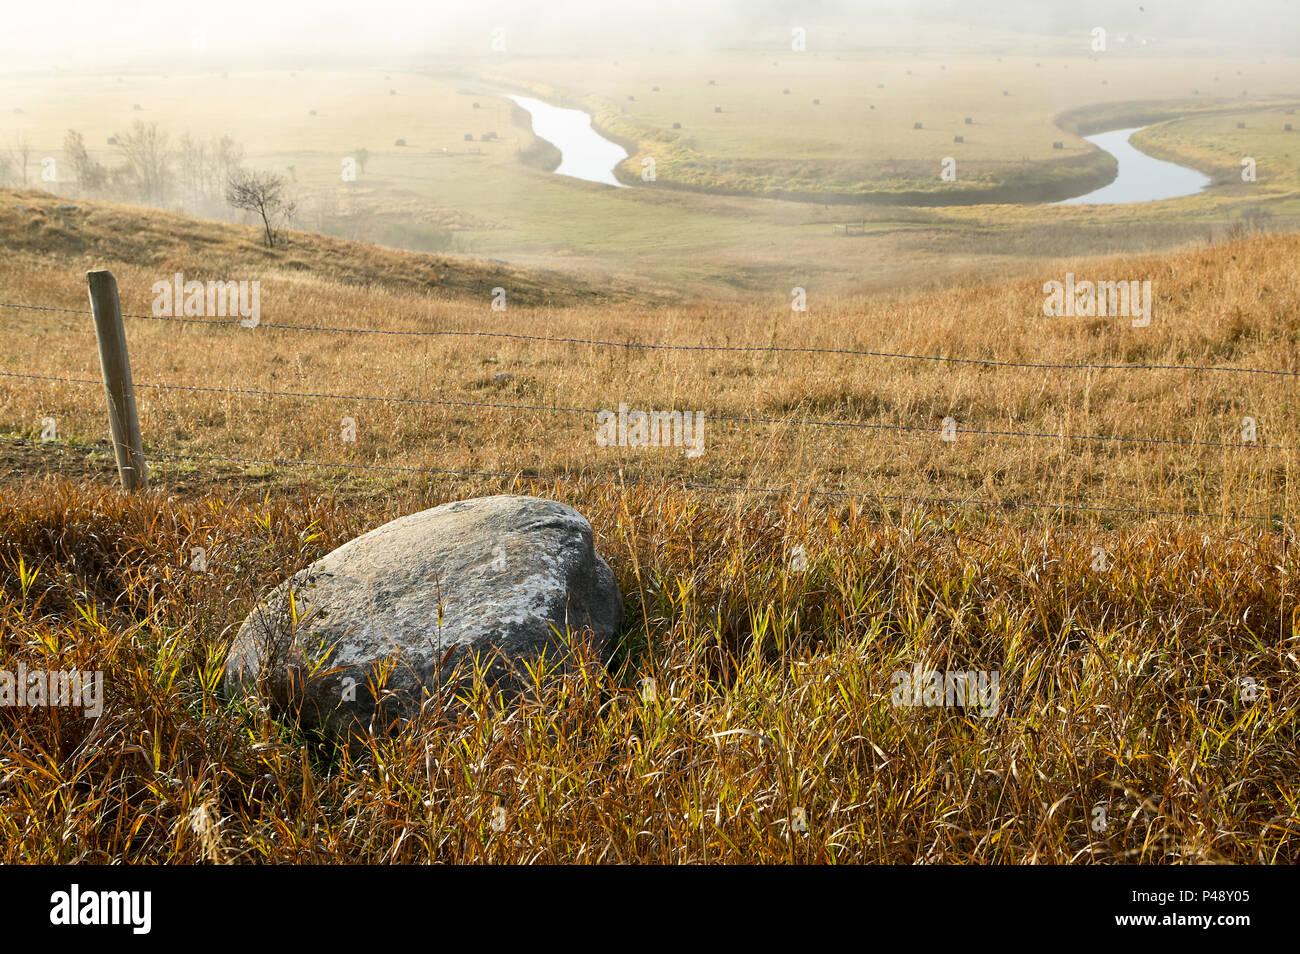 Misty North Dakota Landschaft Mit Einem Hufeisen Der Sheyenne River Im  Grünland Biegen Und Rock Mit